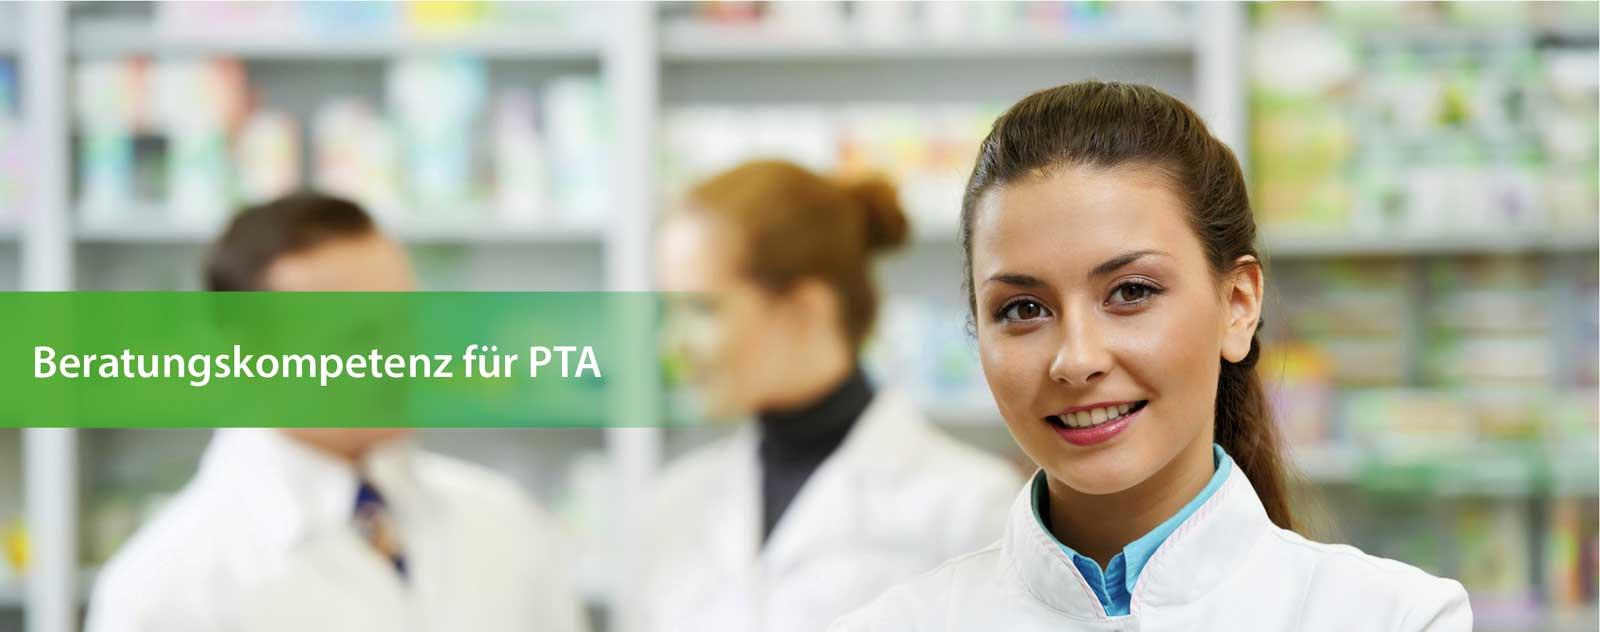 Homöopathie-Fortbildungen für PTA in Apotheken